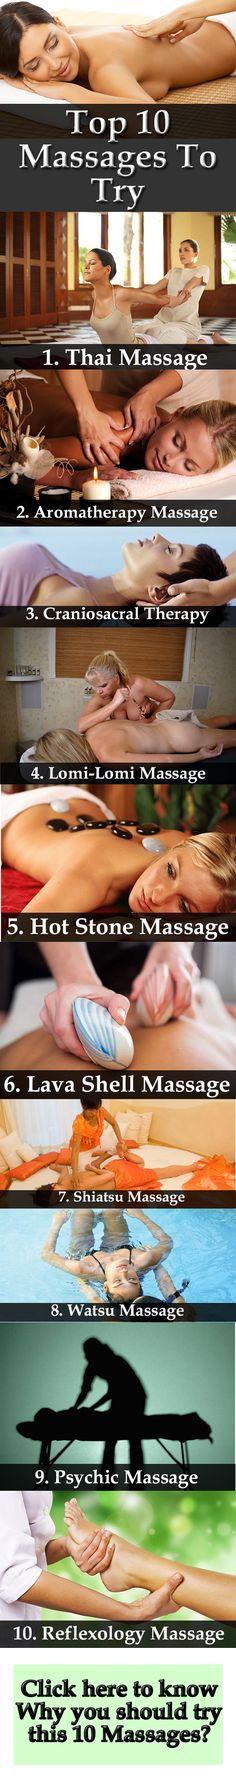 Top 10 Massages To Try: 1. Thai Massage 2. Aromatherapy Massage 3. Craniosacral Therapy 4. Lomi-Lomi Massage 5. Hot Stone Massage 6. Lava Shell Massage 7. Shiatsu Massage 8. Watsu Massage 9. Psychic Massage 10. Reflexology